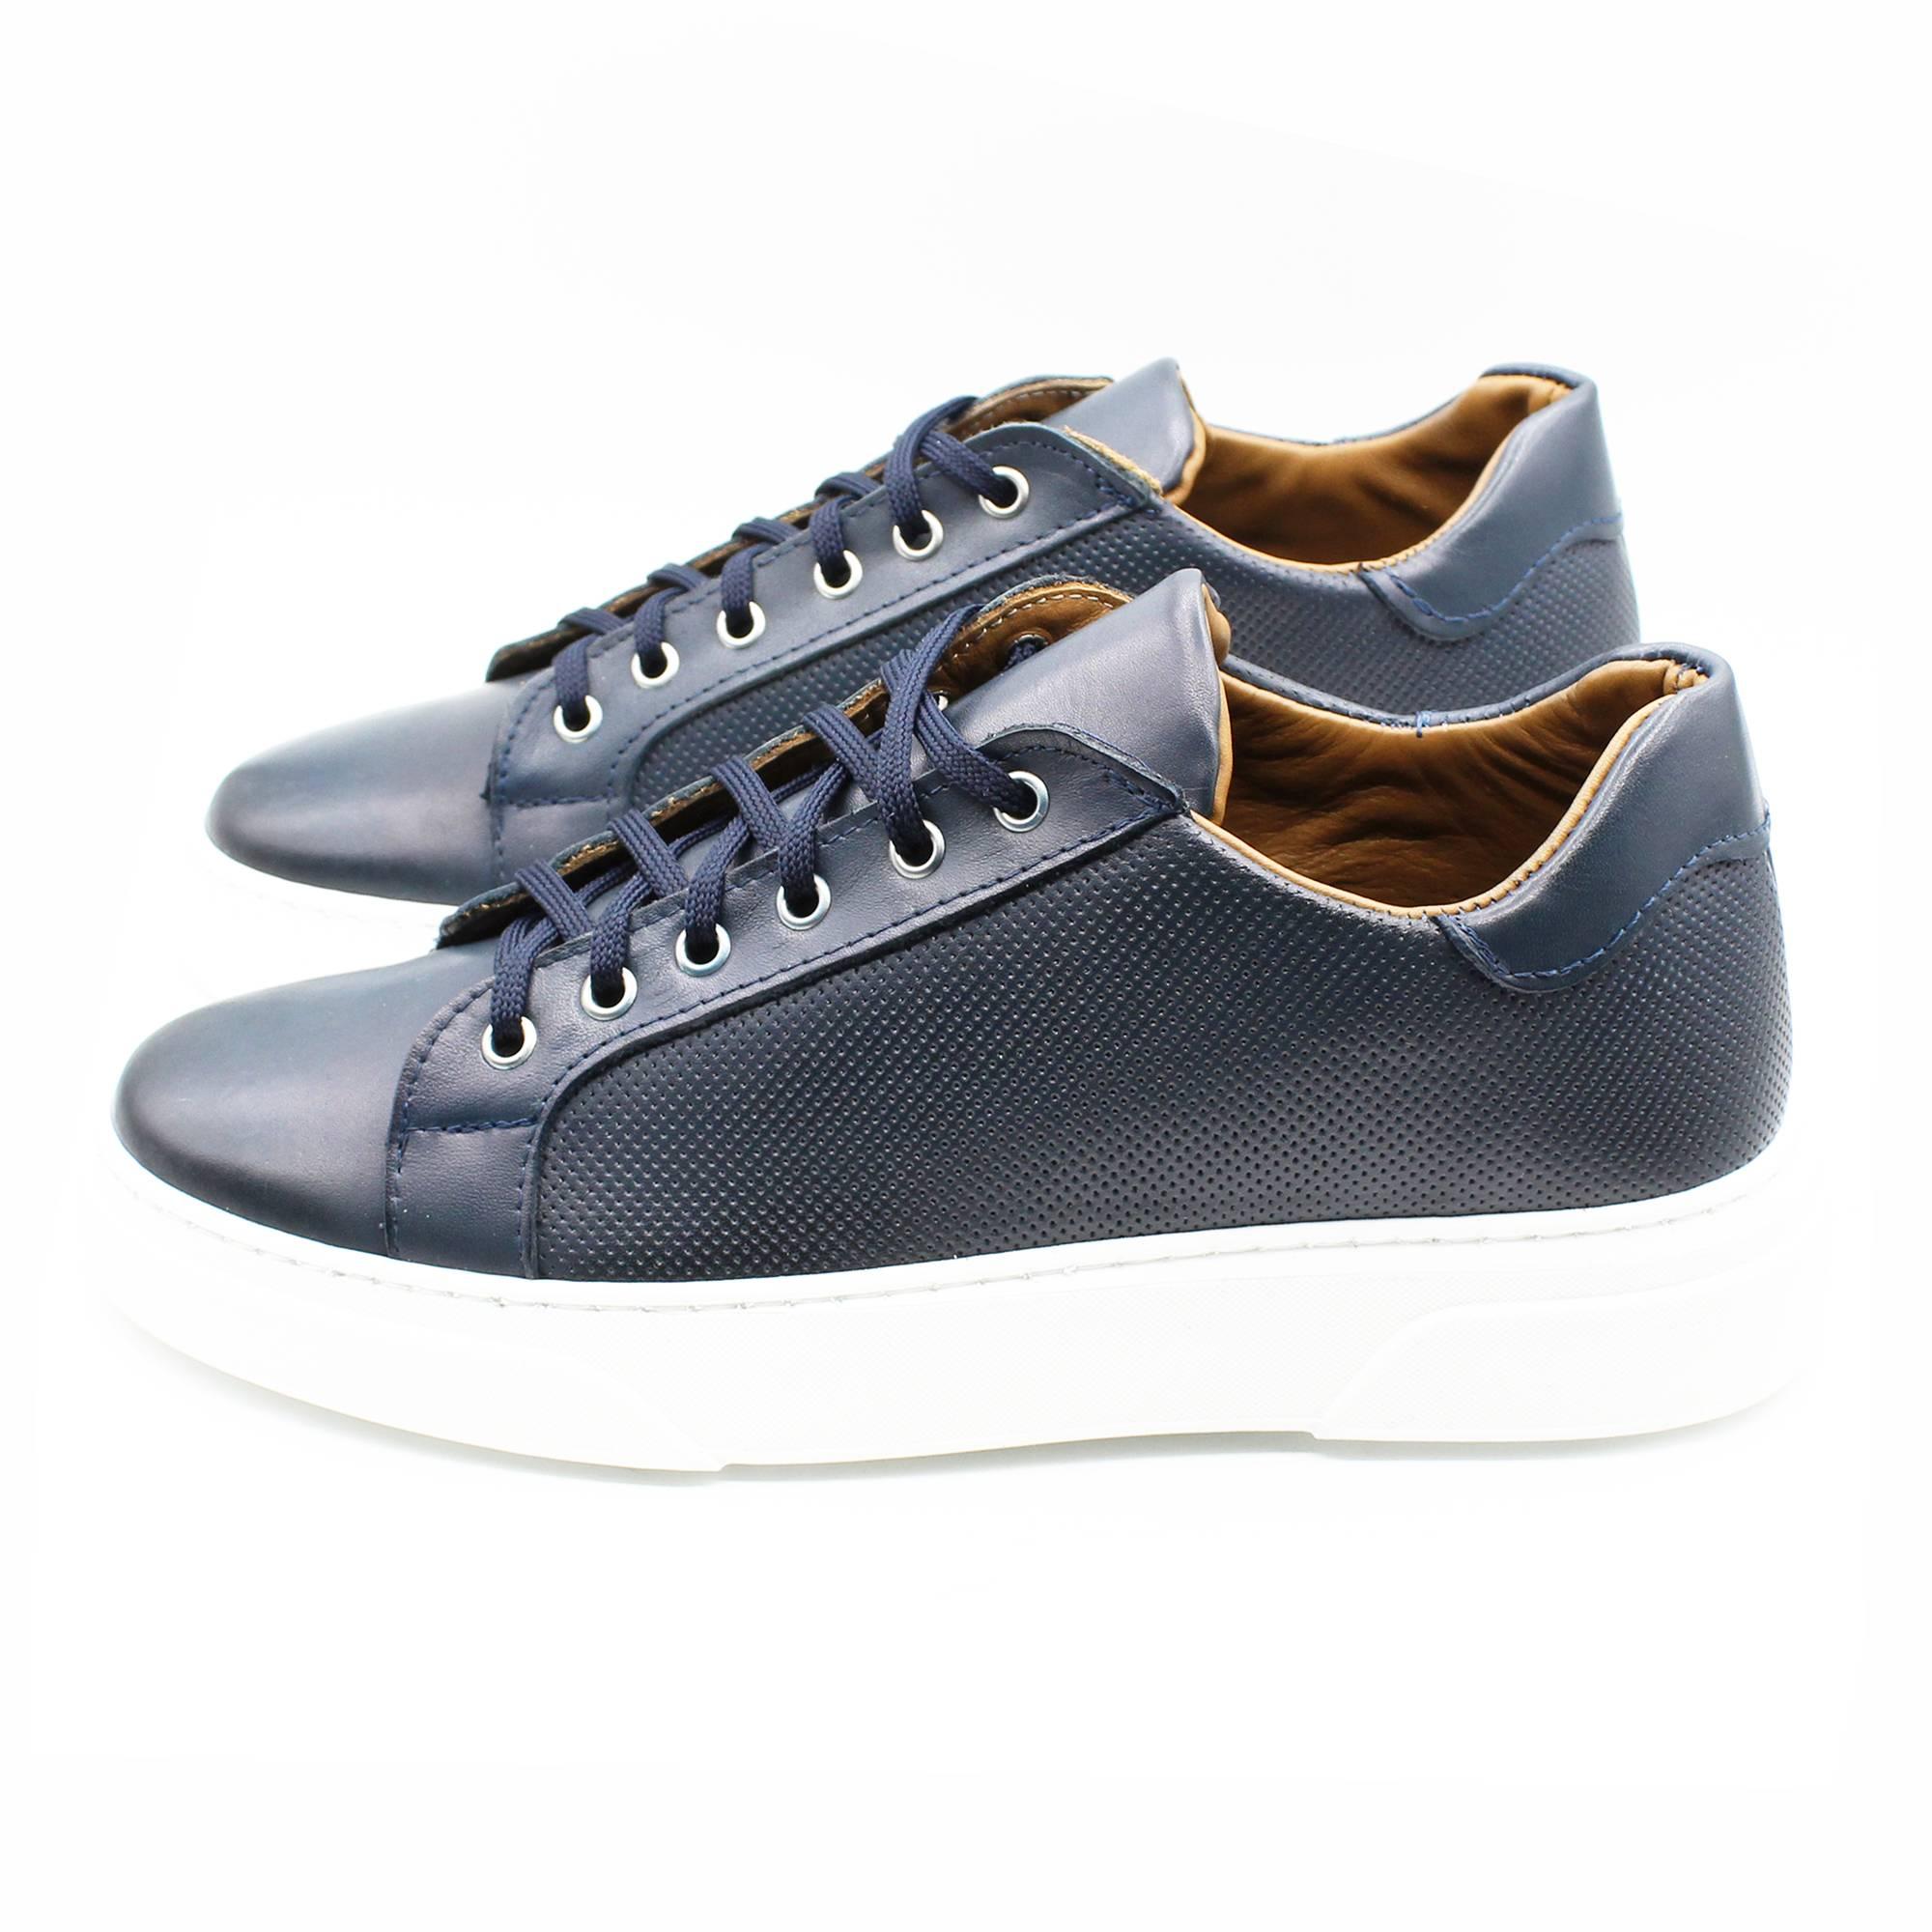 miniatura 4 - Sneakers-Uomo-in-Pelle-Basse-Nere-Blu-Scarpe-da-Ginnastica-Sportive-Eleganti